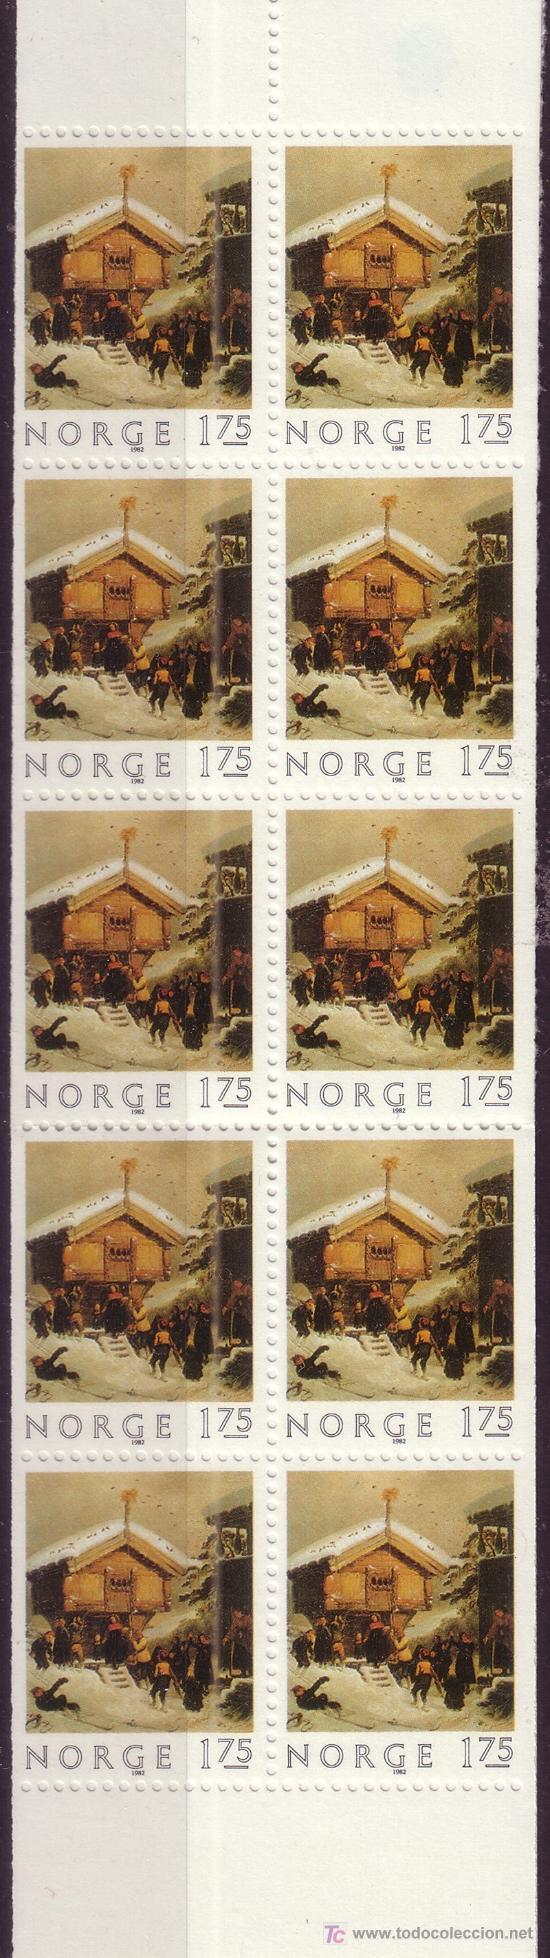 Sellos: NORUEGA CARNET 831*** - AÑO 1982 - NAVIDAD - PINTURA - OBRA DE ADOLF TIDEMAND - Foto 2 - 25271799